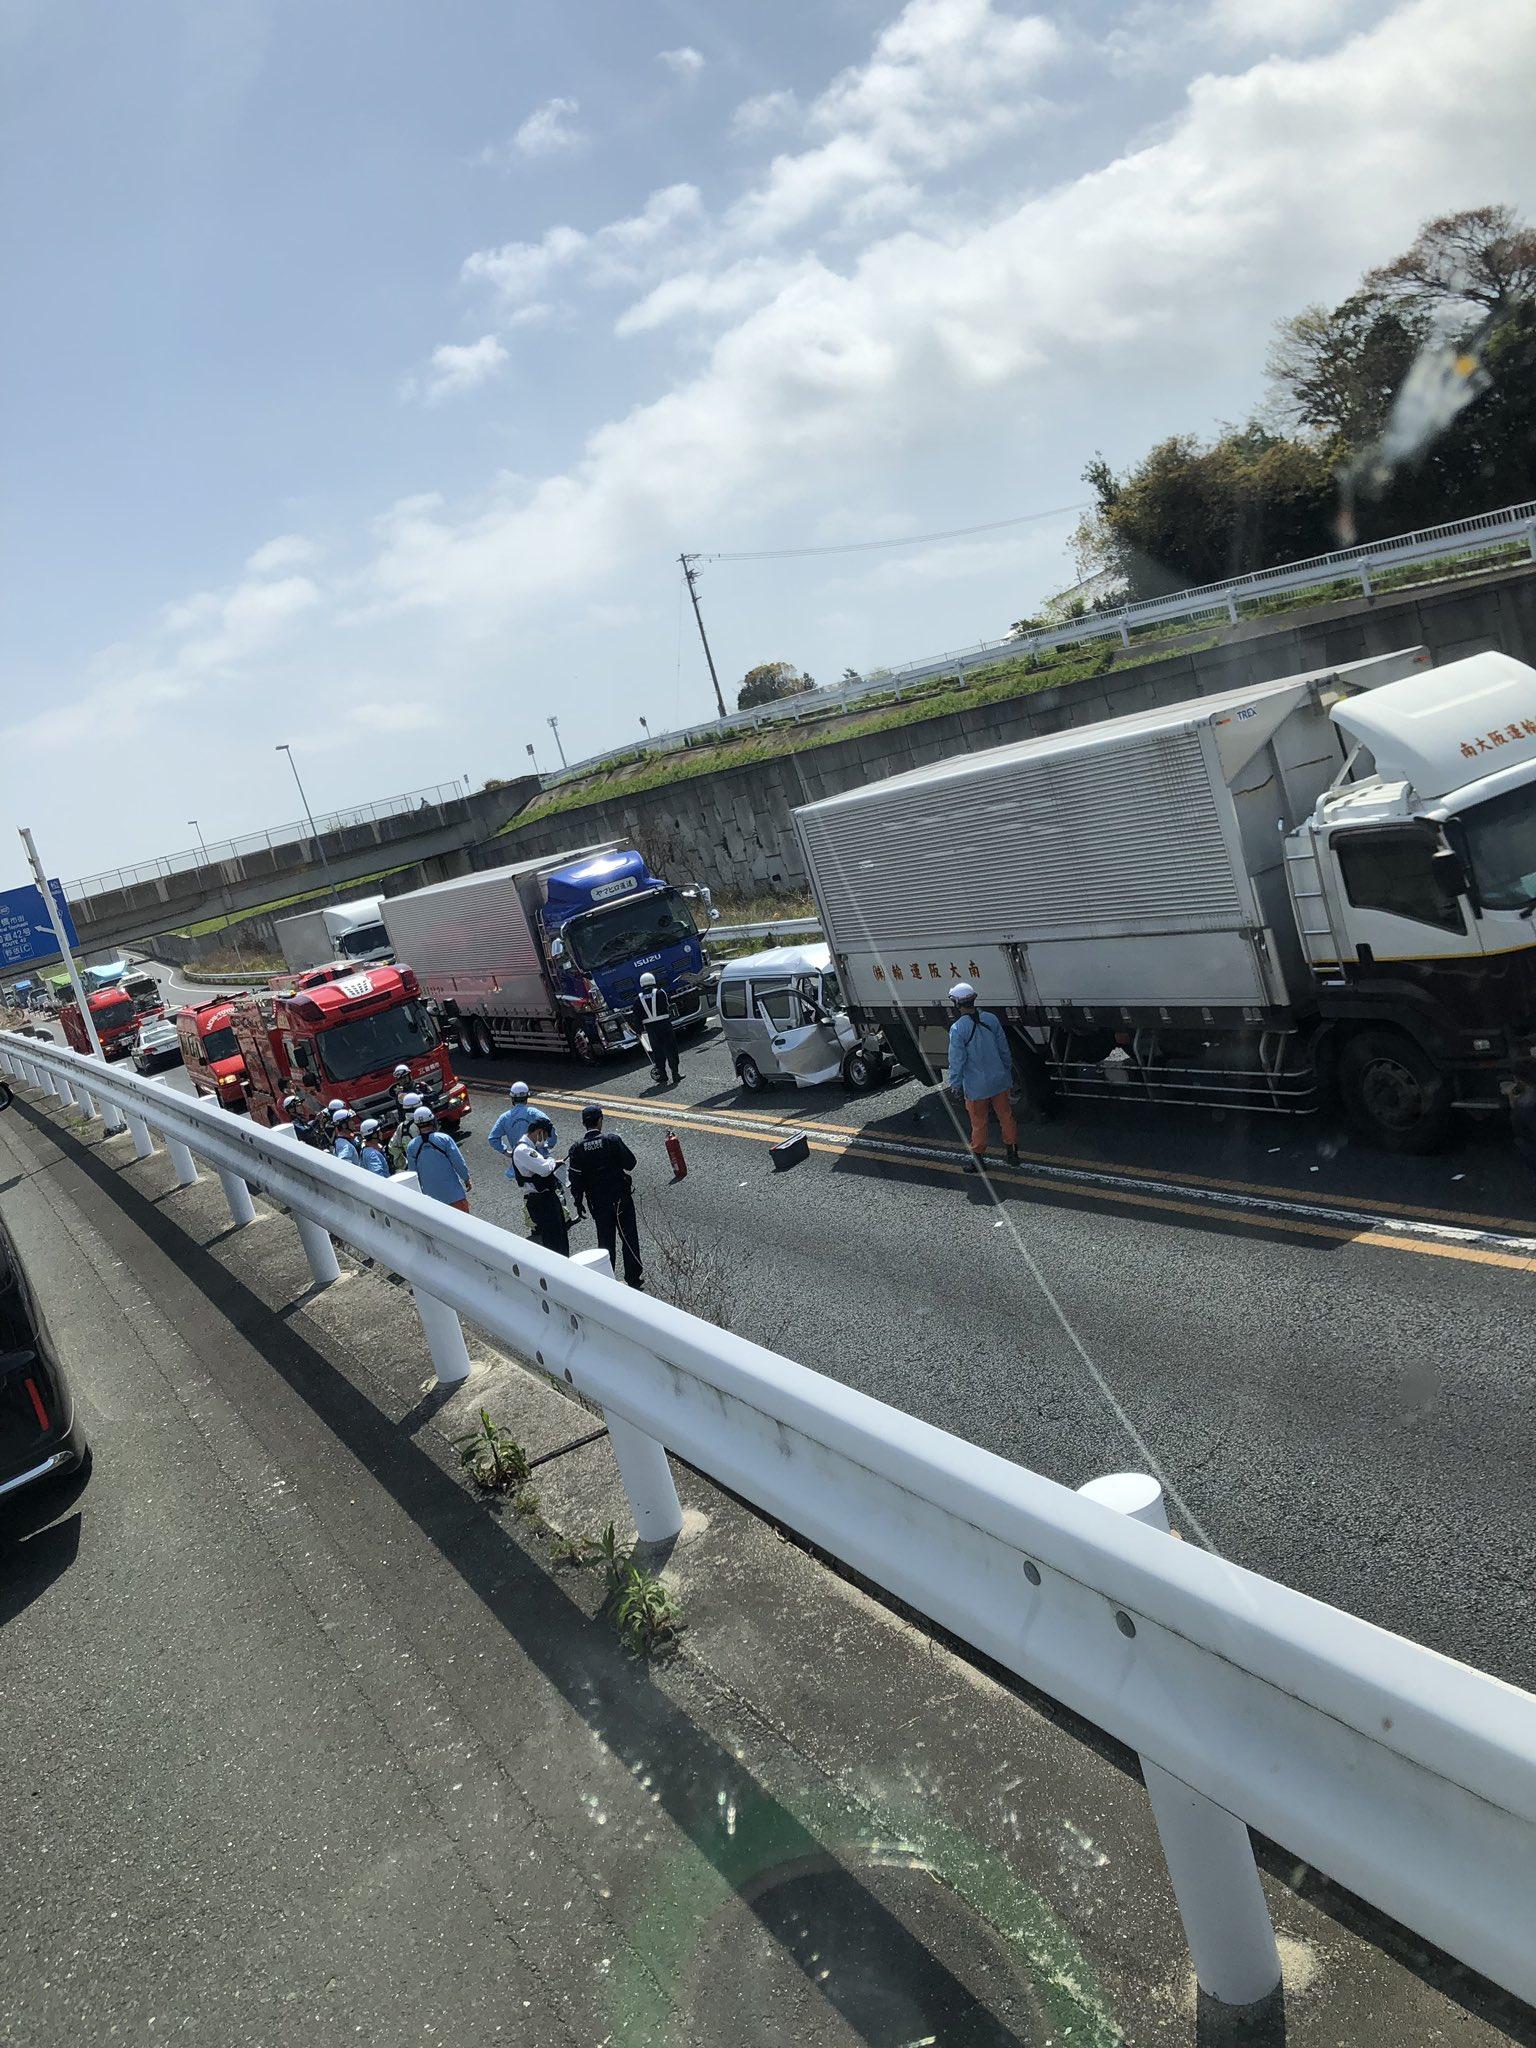 画像,まじでやばいやつやんこれ、、鳥肌立ったわ、、豊橋バイパス23号線事故渋滞 https://t.co/9XfItfo7FL…